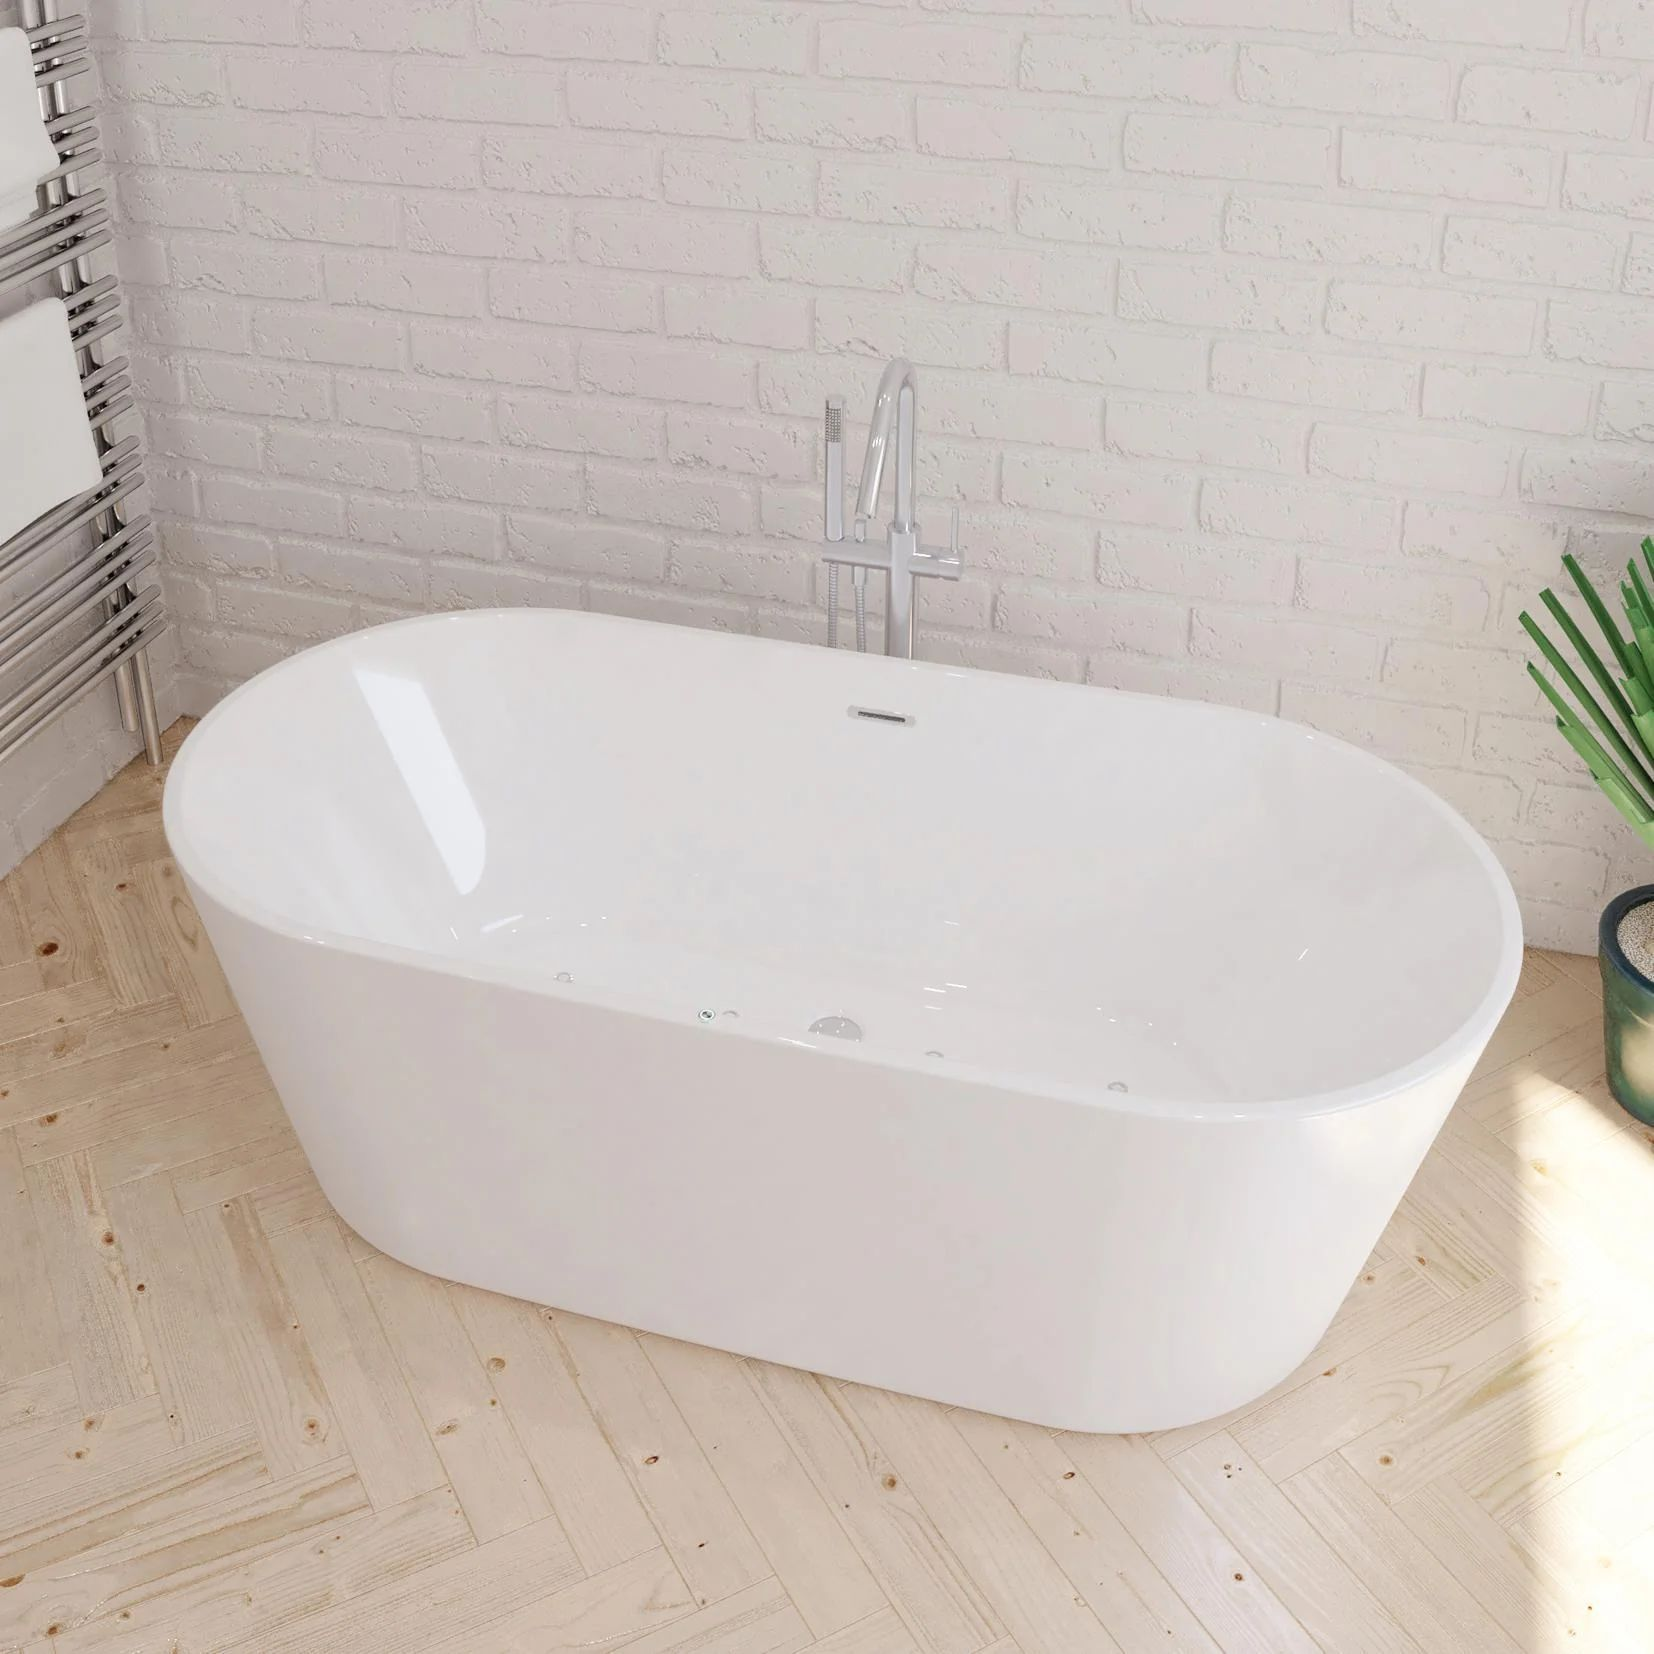 Scegliere le tende per il bagno: Vasca Centrale Leroy Merlin